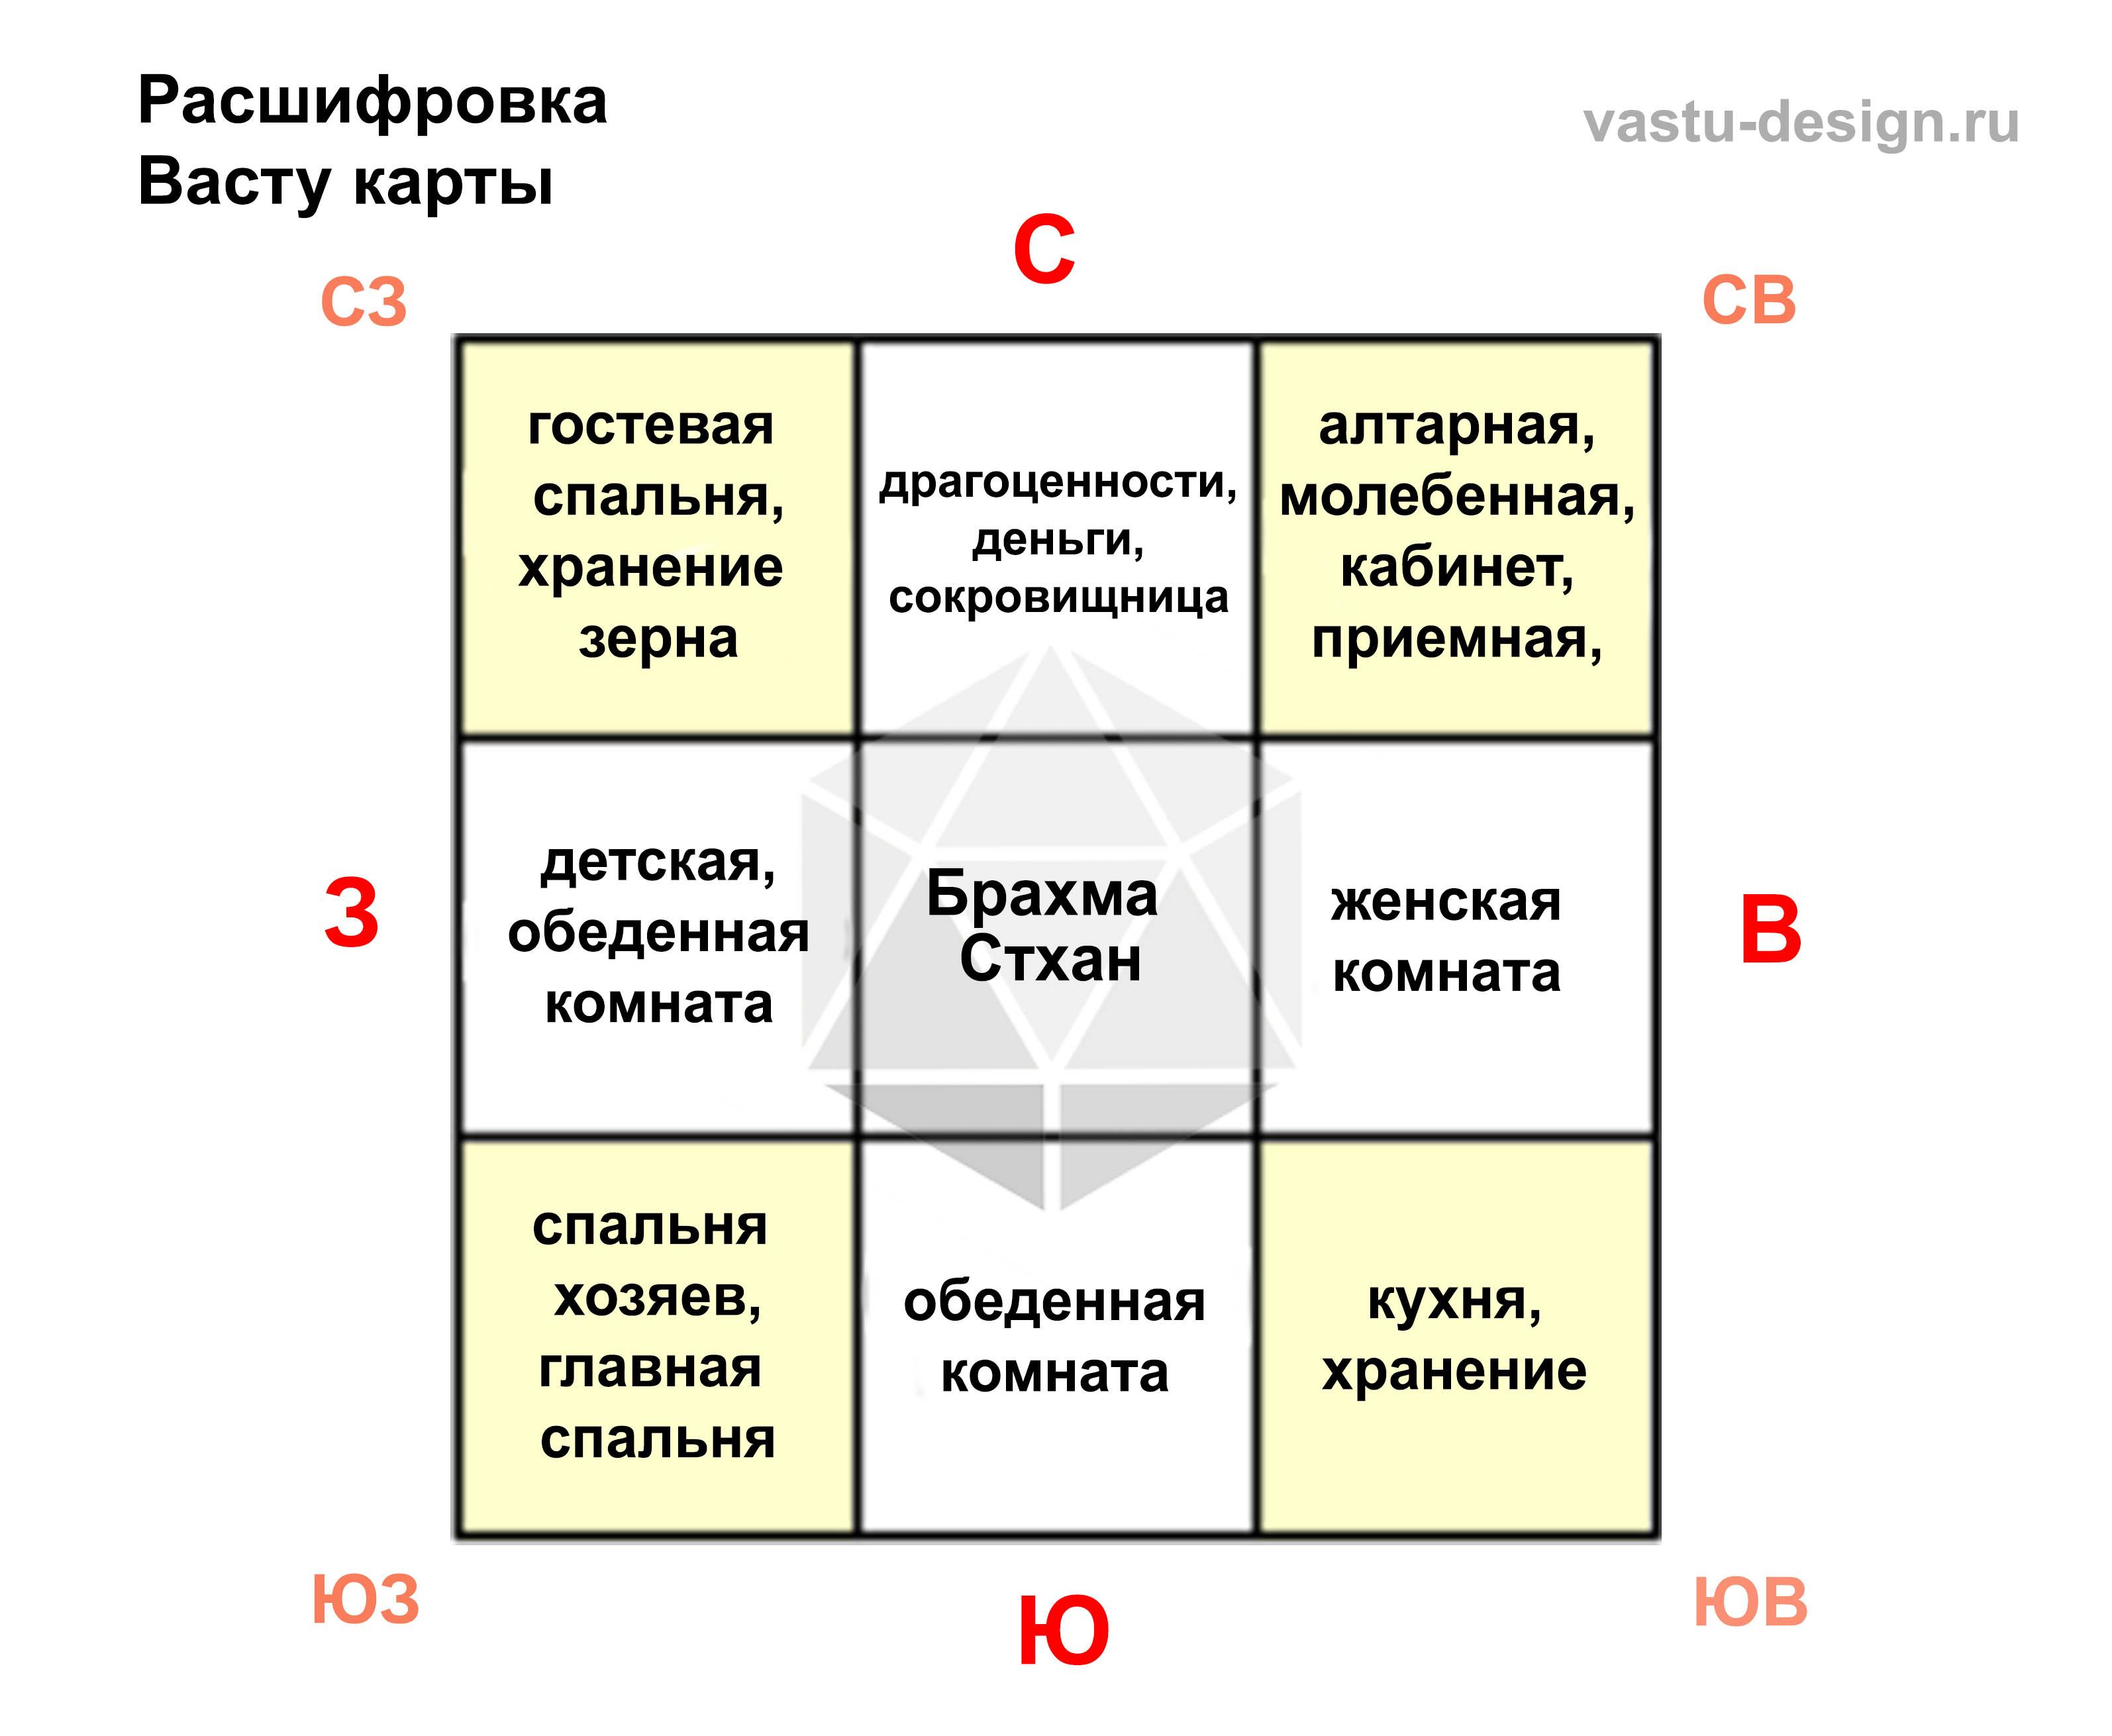 Методы коррекции васту / блог архитектора